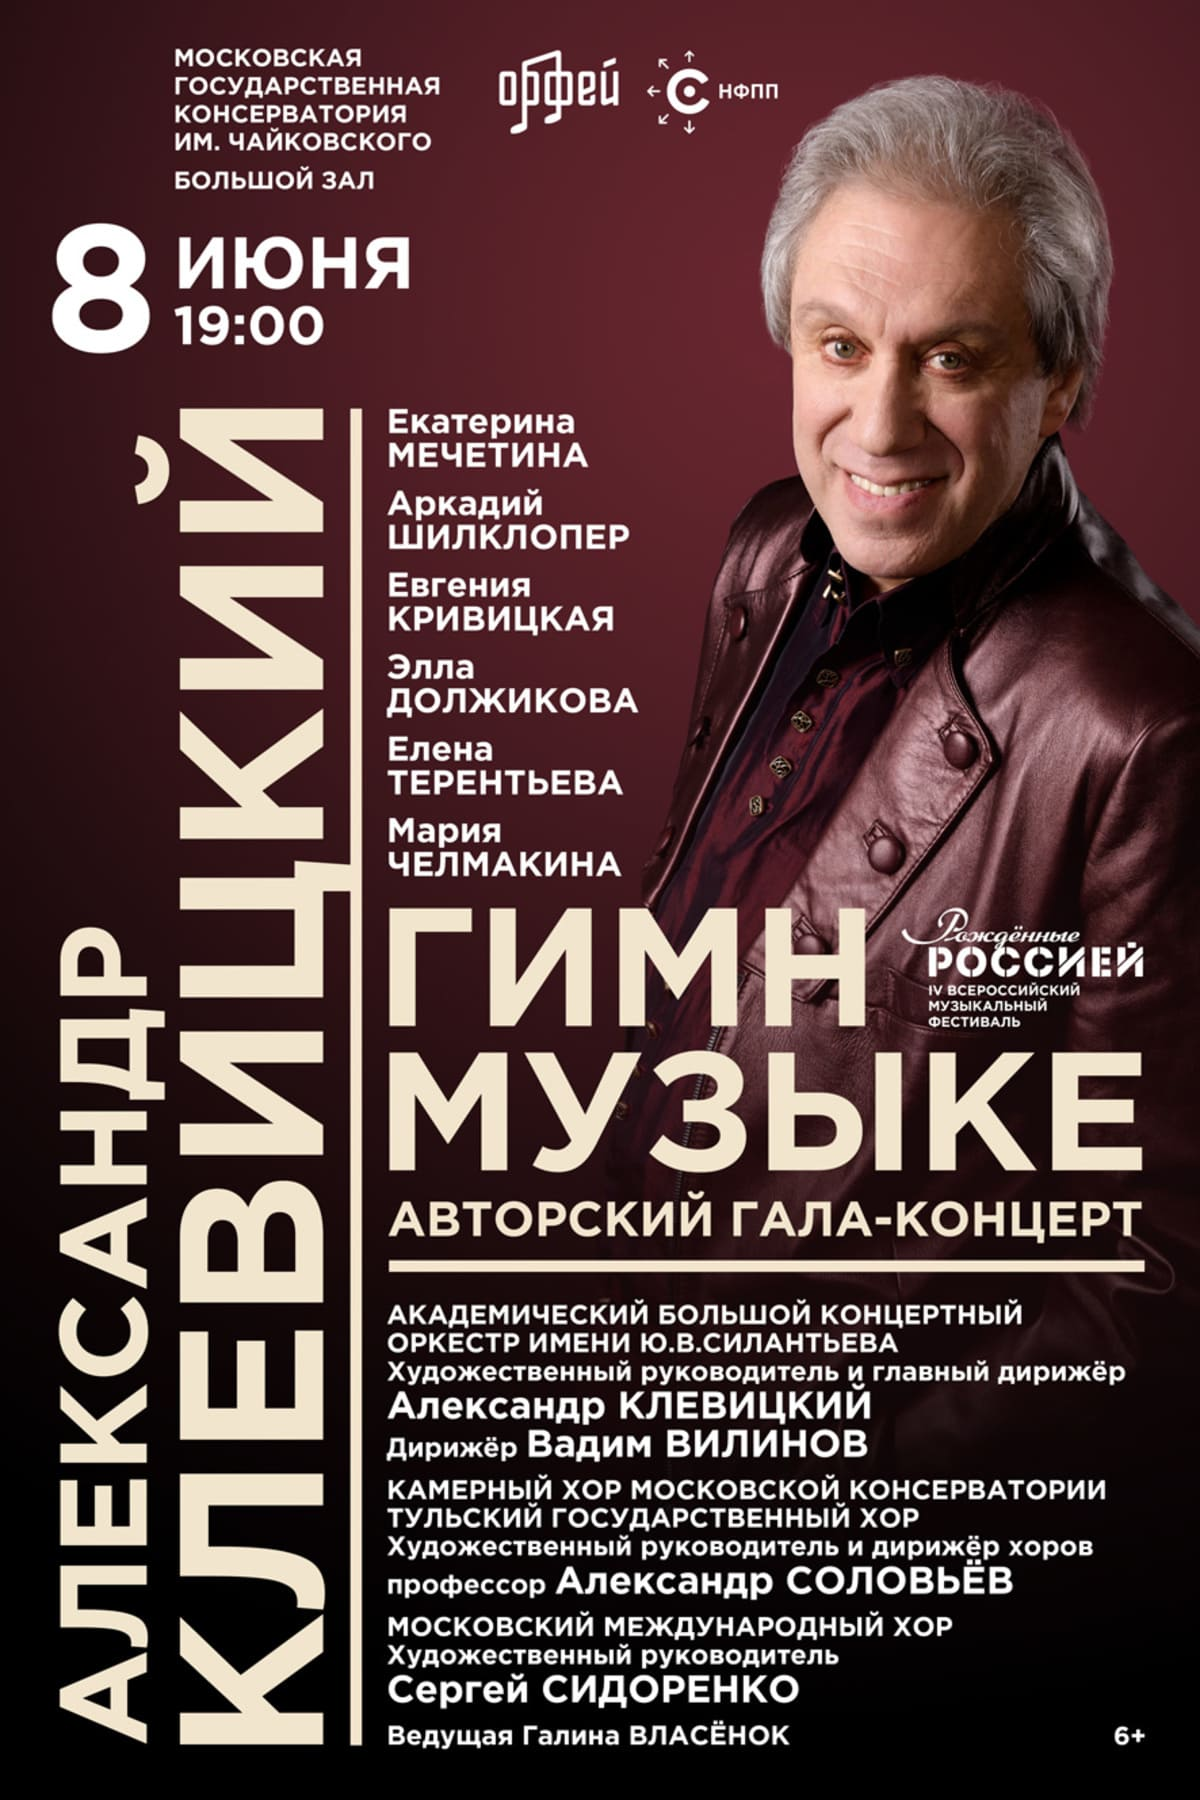 Александр Клевицкий